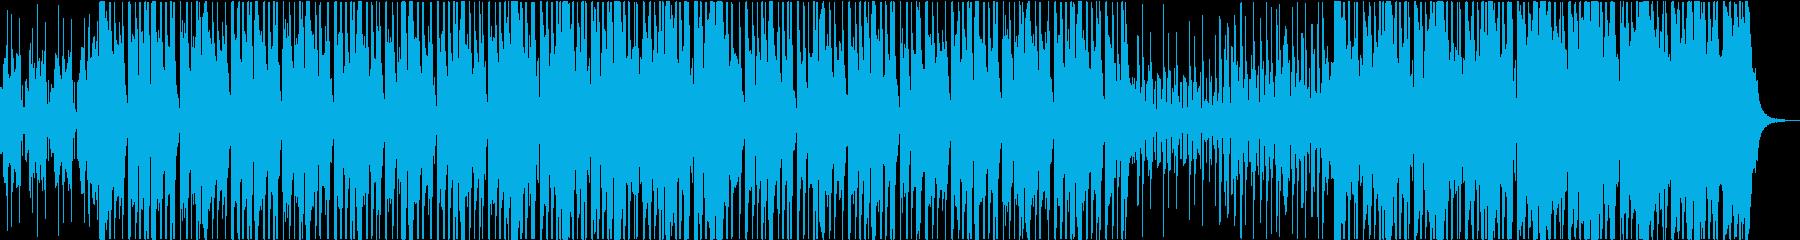 ギャングスタラップ 野生 エキゾチ...の再生済みの波形